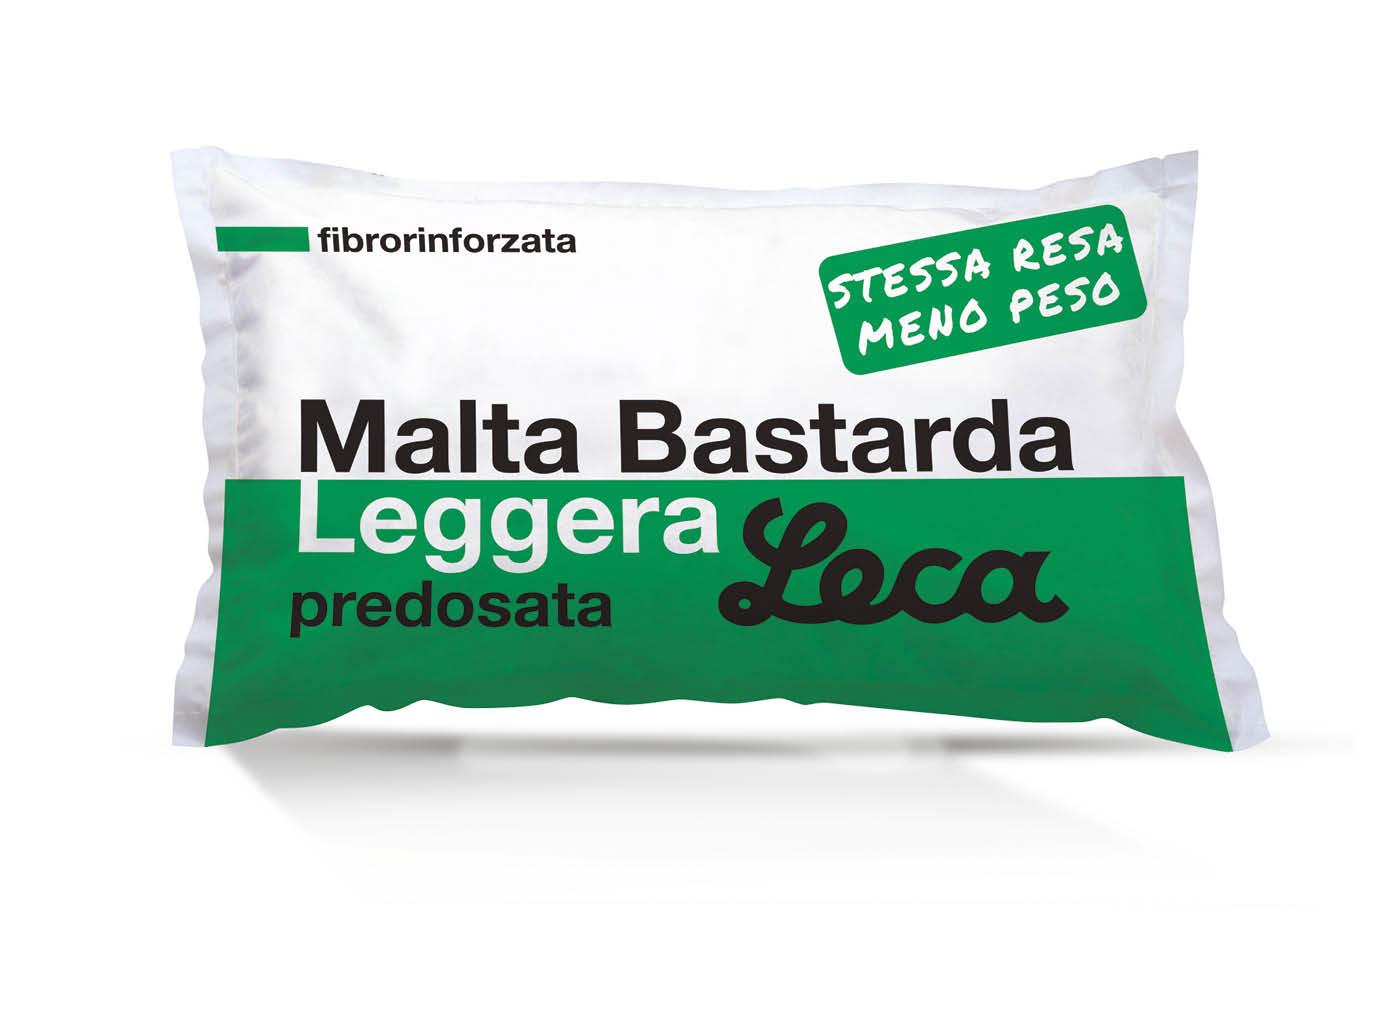 P40-malta-bastarda-leggera-predosat